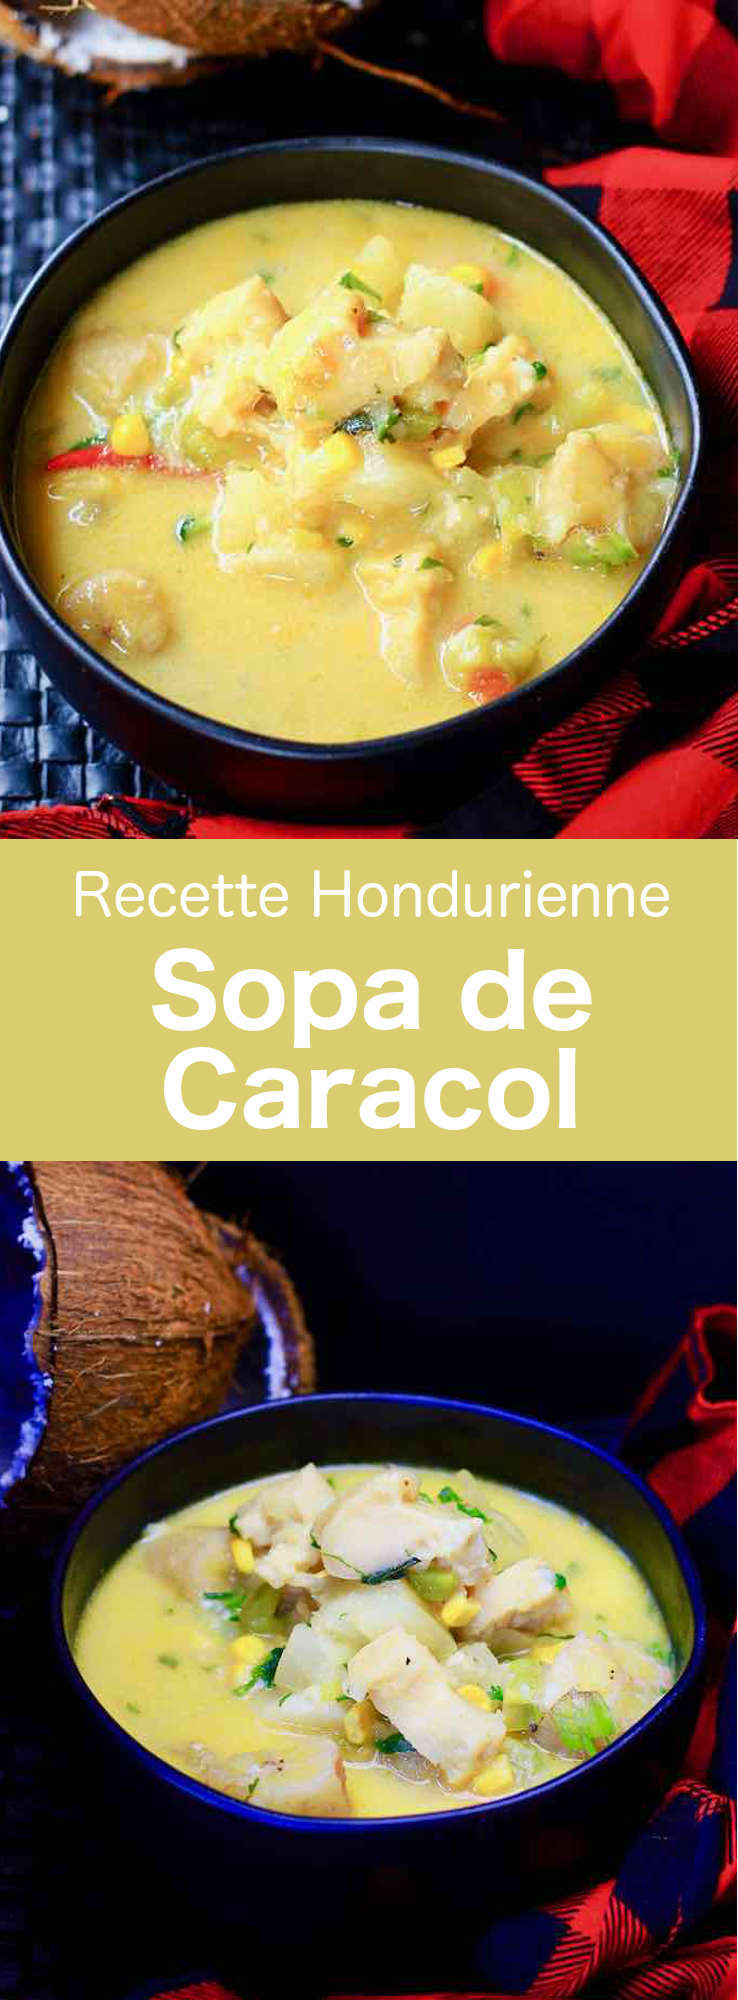 La sopa de caracol est une soupe de conque traditionnelle du Honduras dont différentes versions sont populaires en Amérique latine et dans les Caraïbes. #Honduras #CuisineHonduras #CuisineHondurienne #AmeriqueCentrale #CuisineDuMonde #196flavors